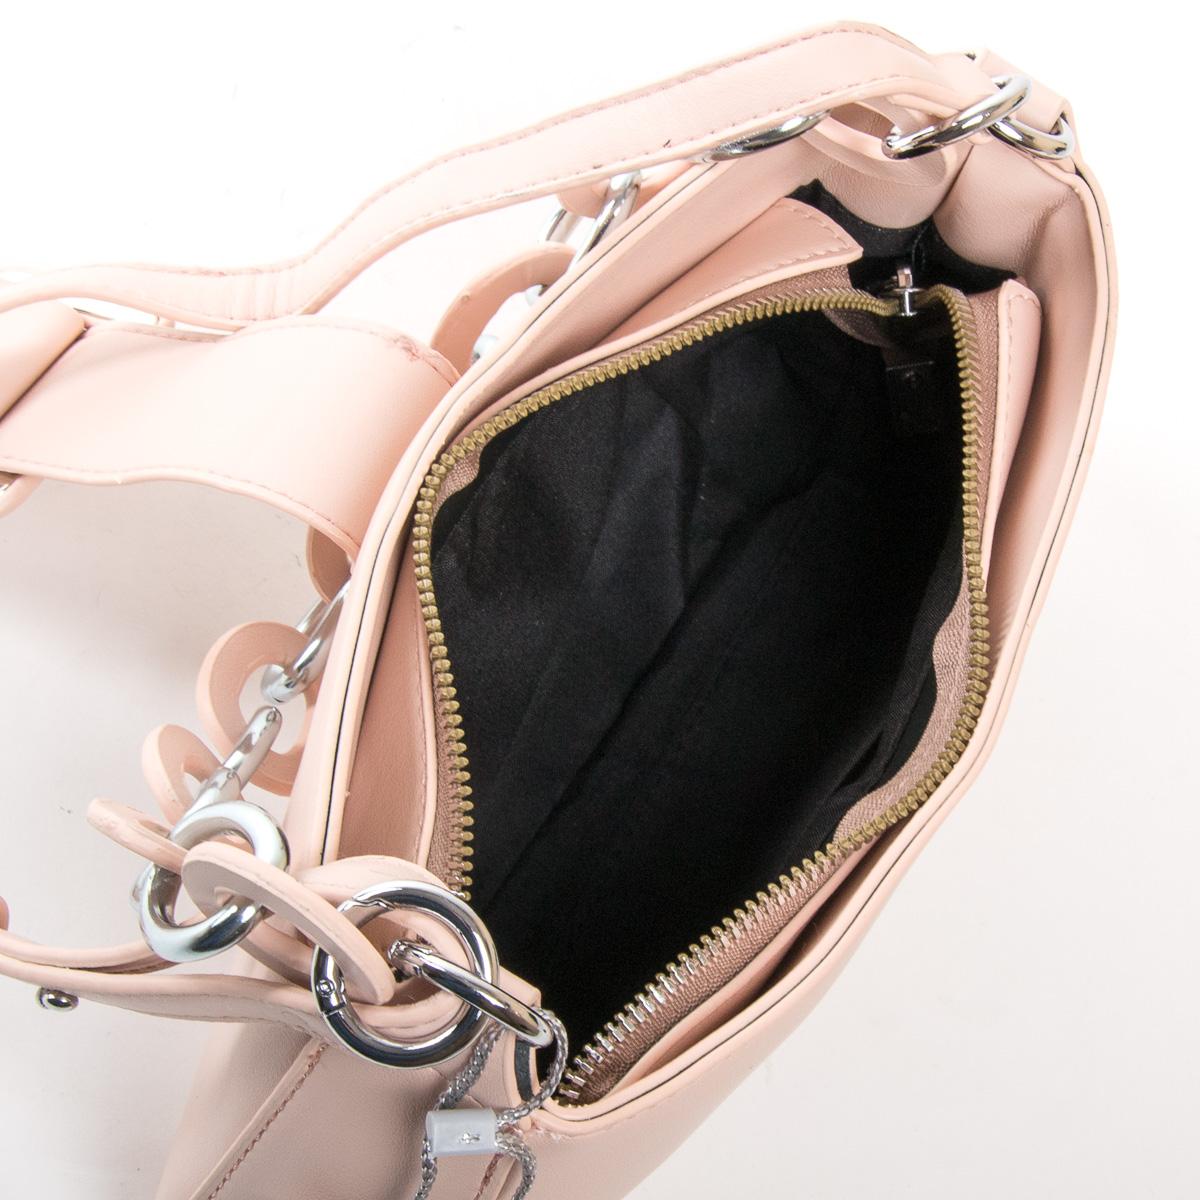 Сумка Женская Классическая иск-кожа FASHION 01-02 2851 pink - фото 5